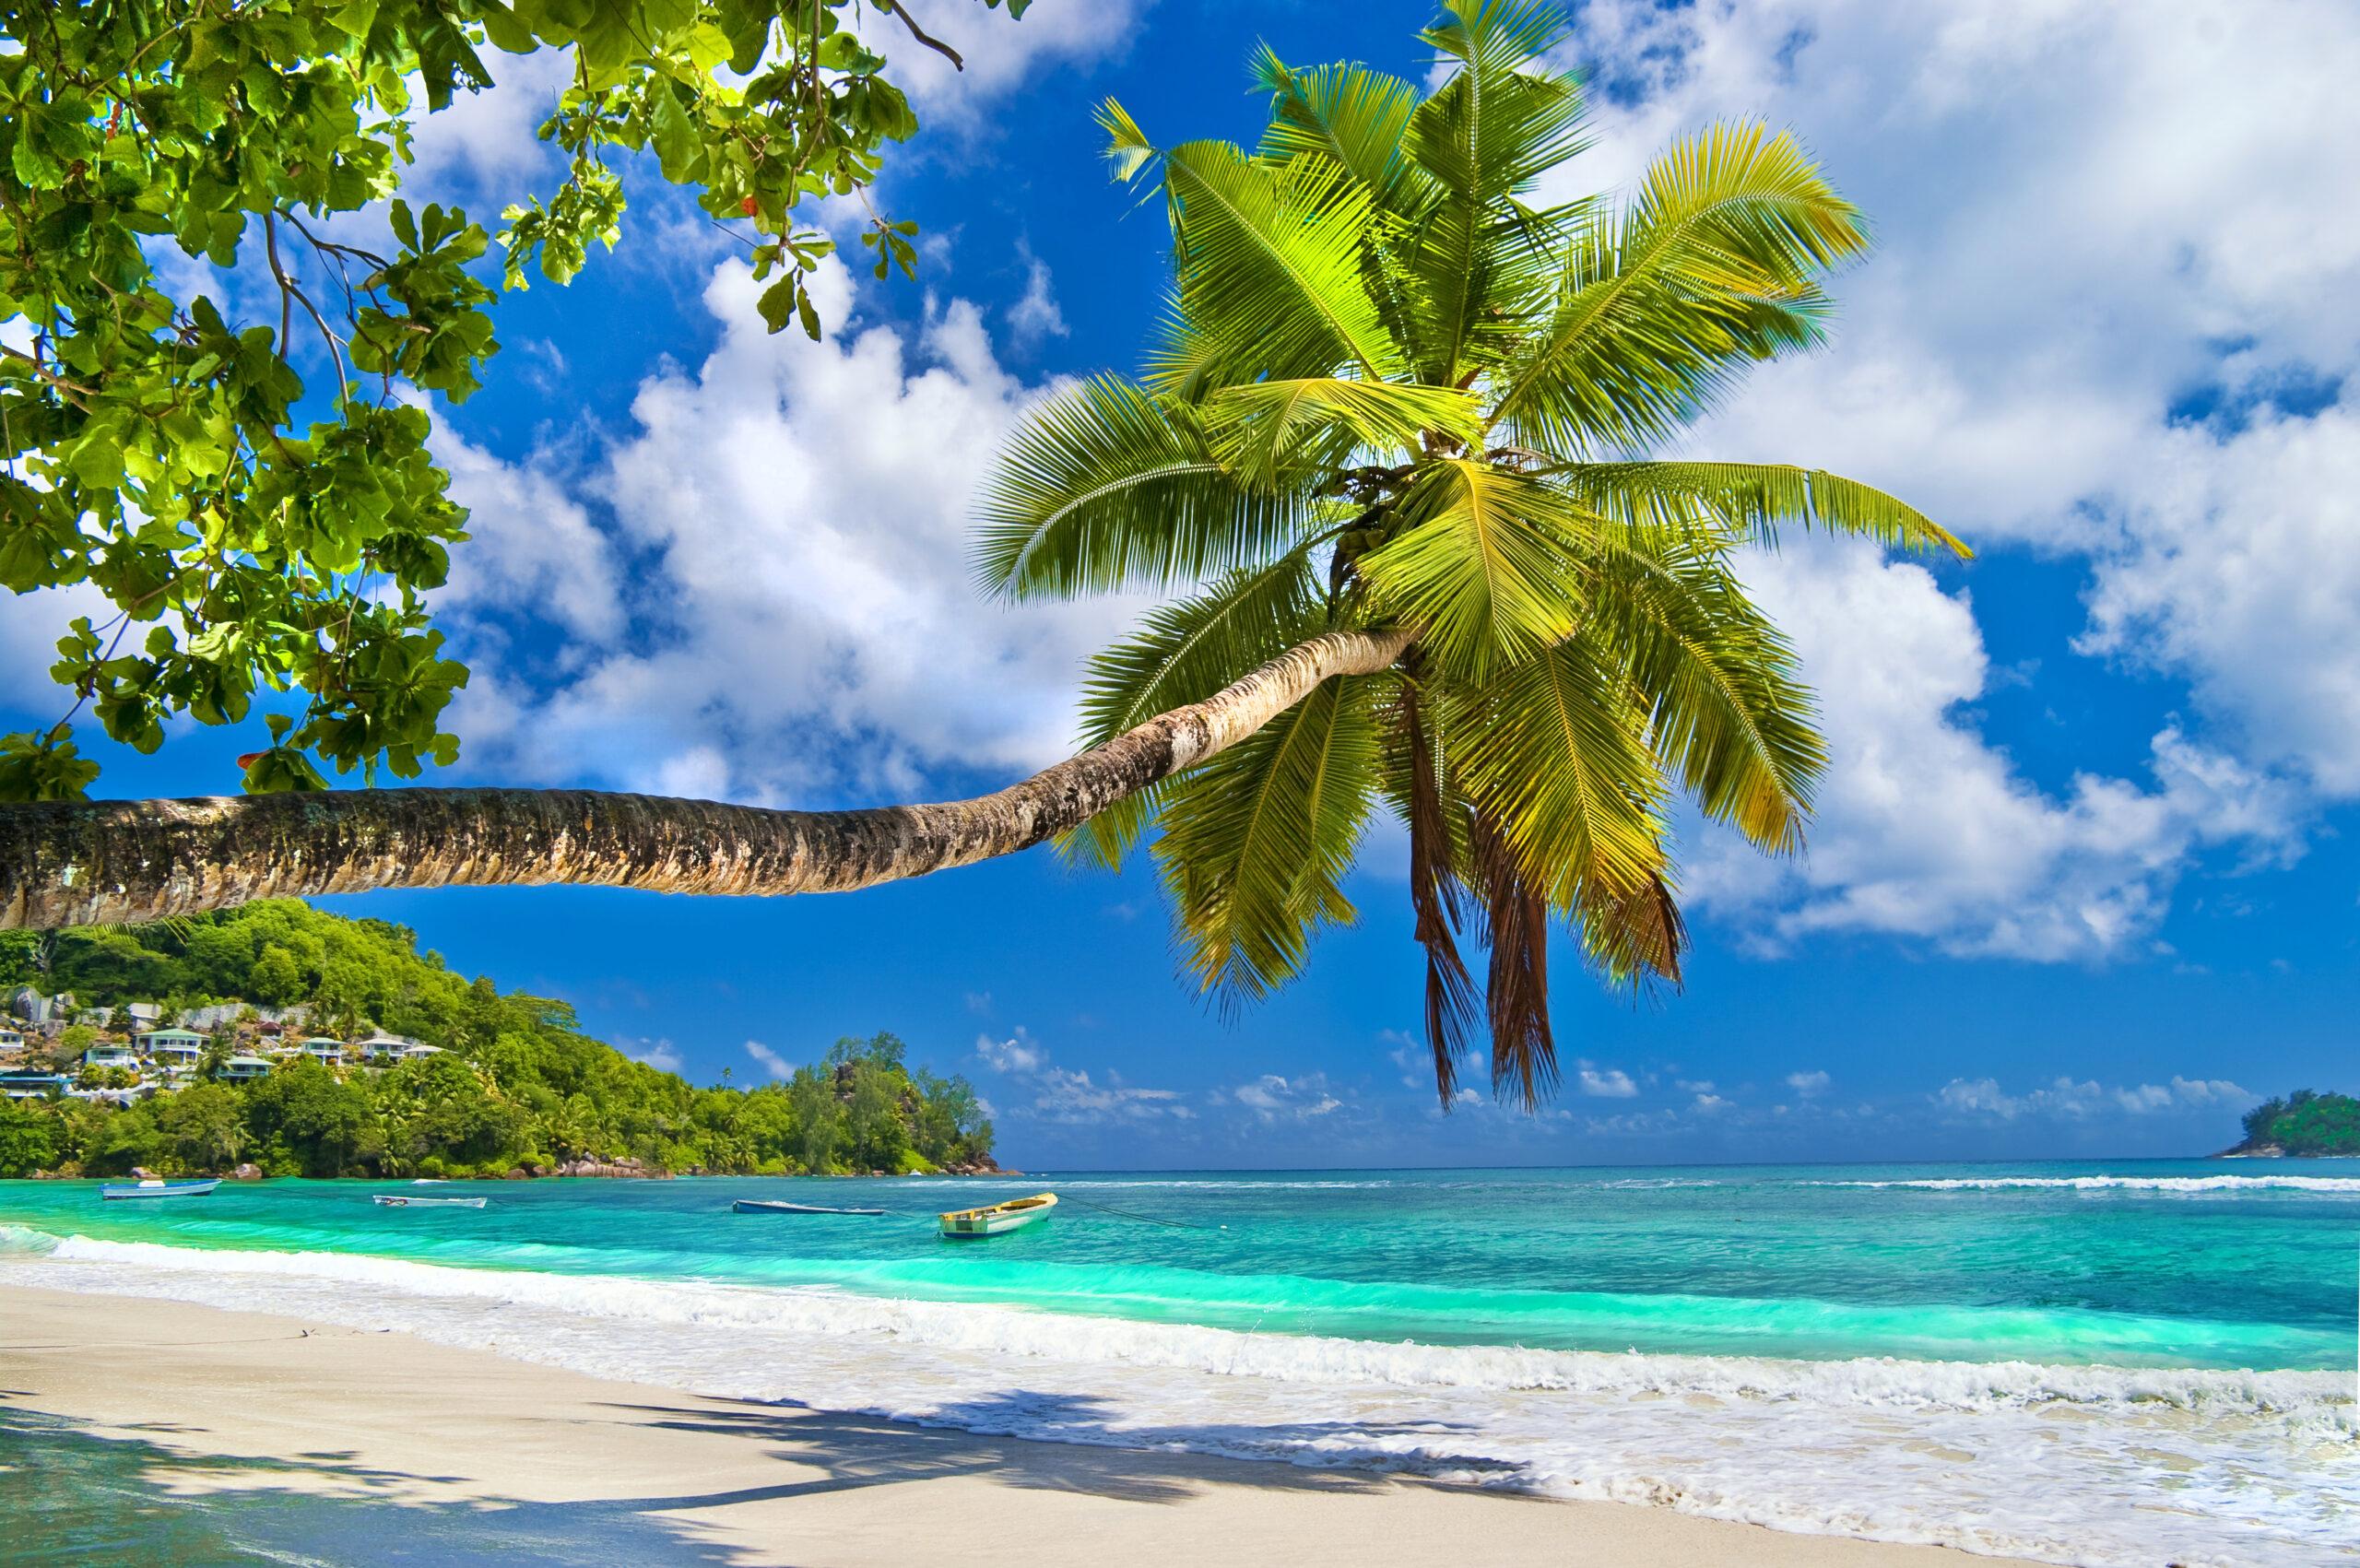 Зустрічаємо новорічні свята на Сейшелах!<br>Прямі рейси Air Seychelles